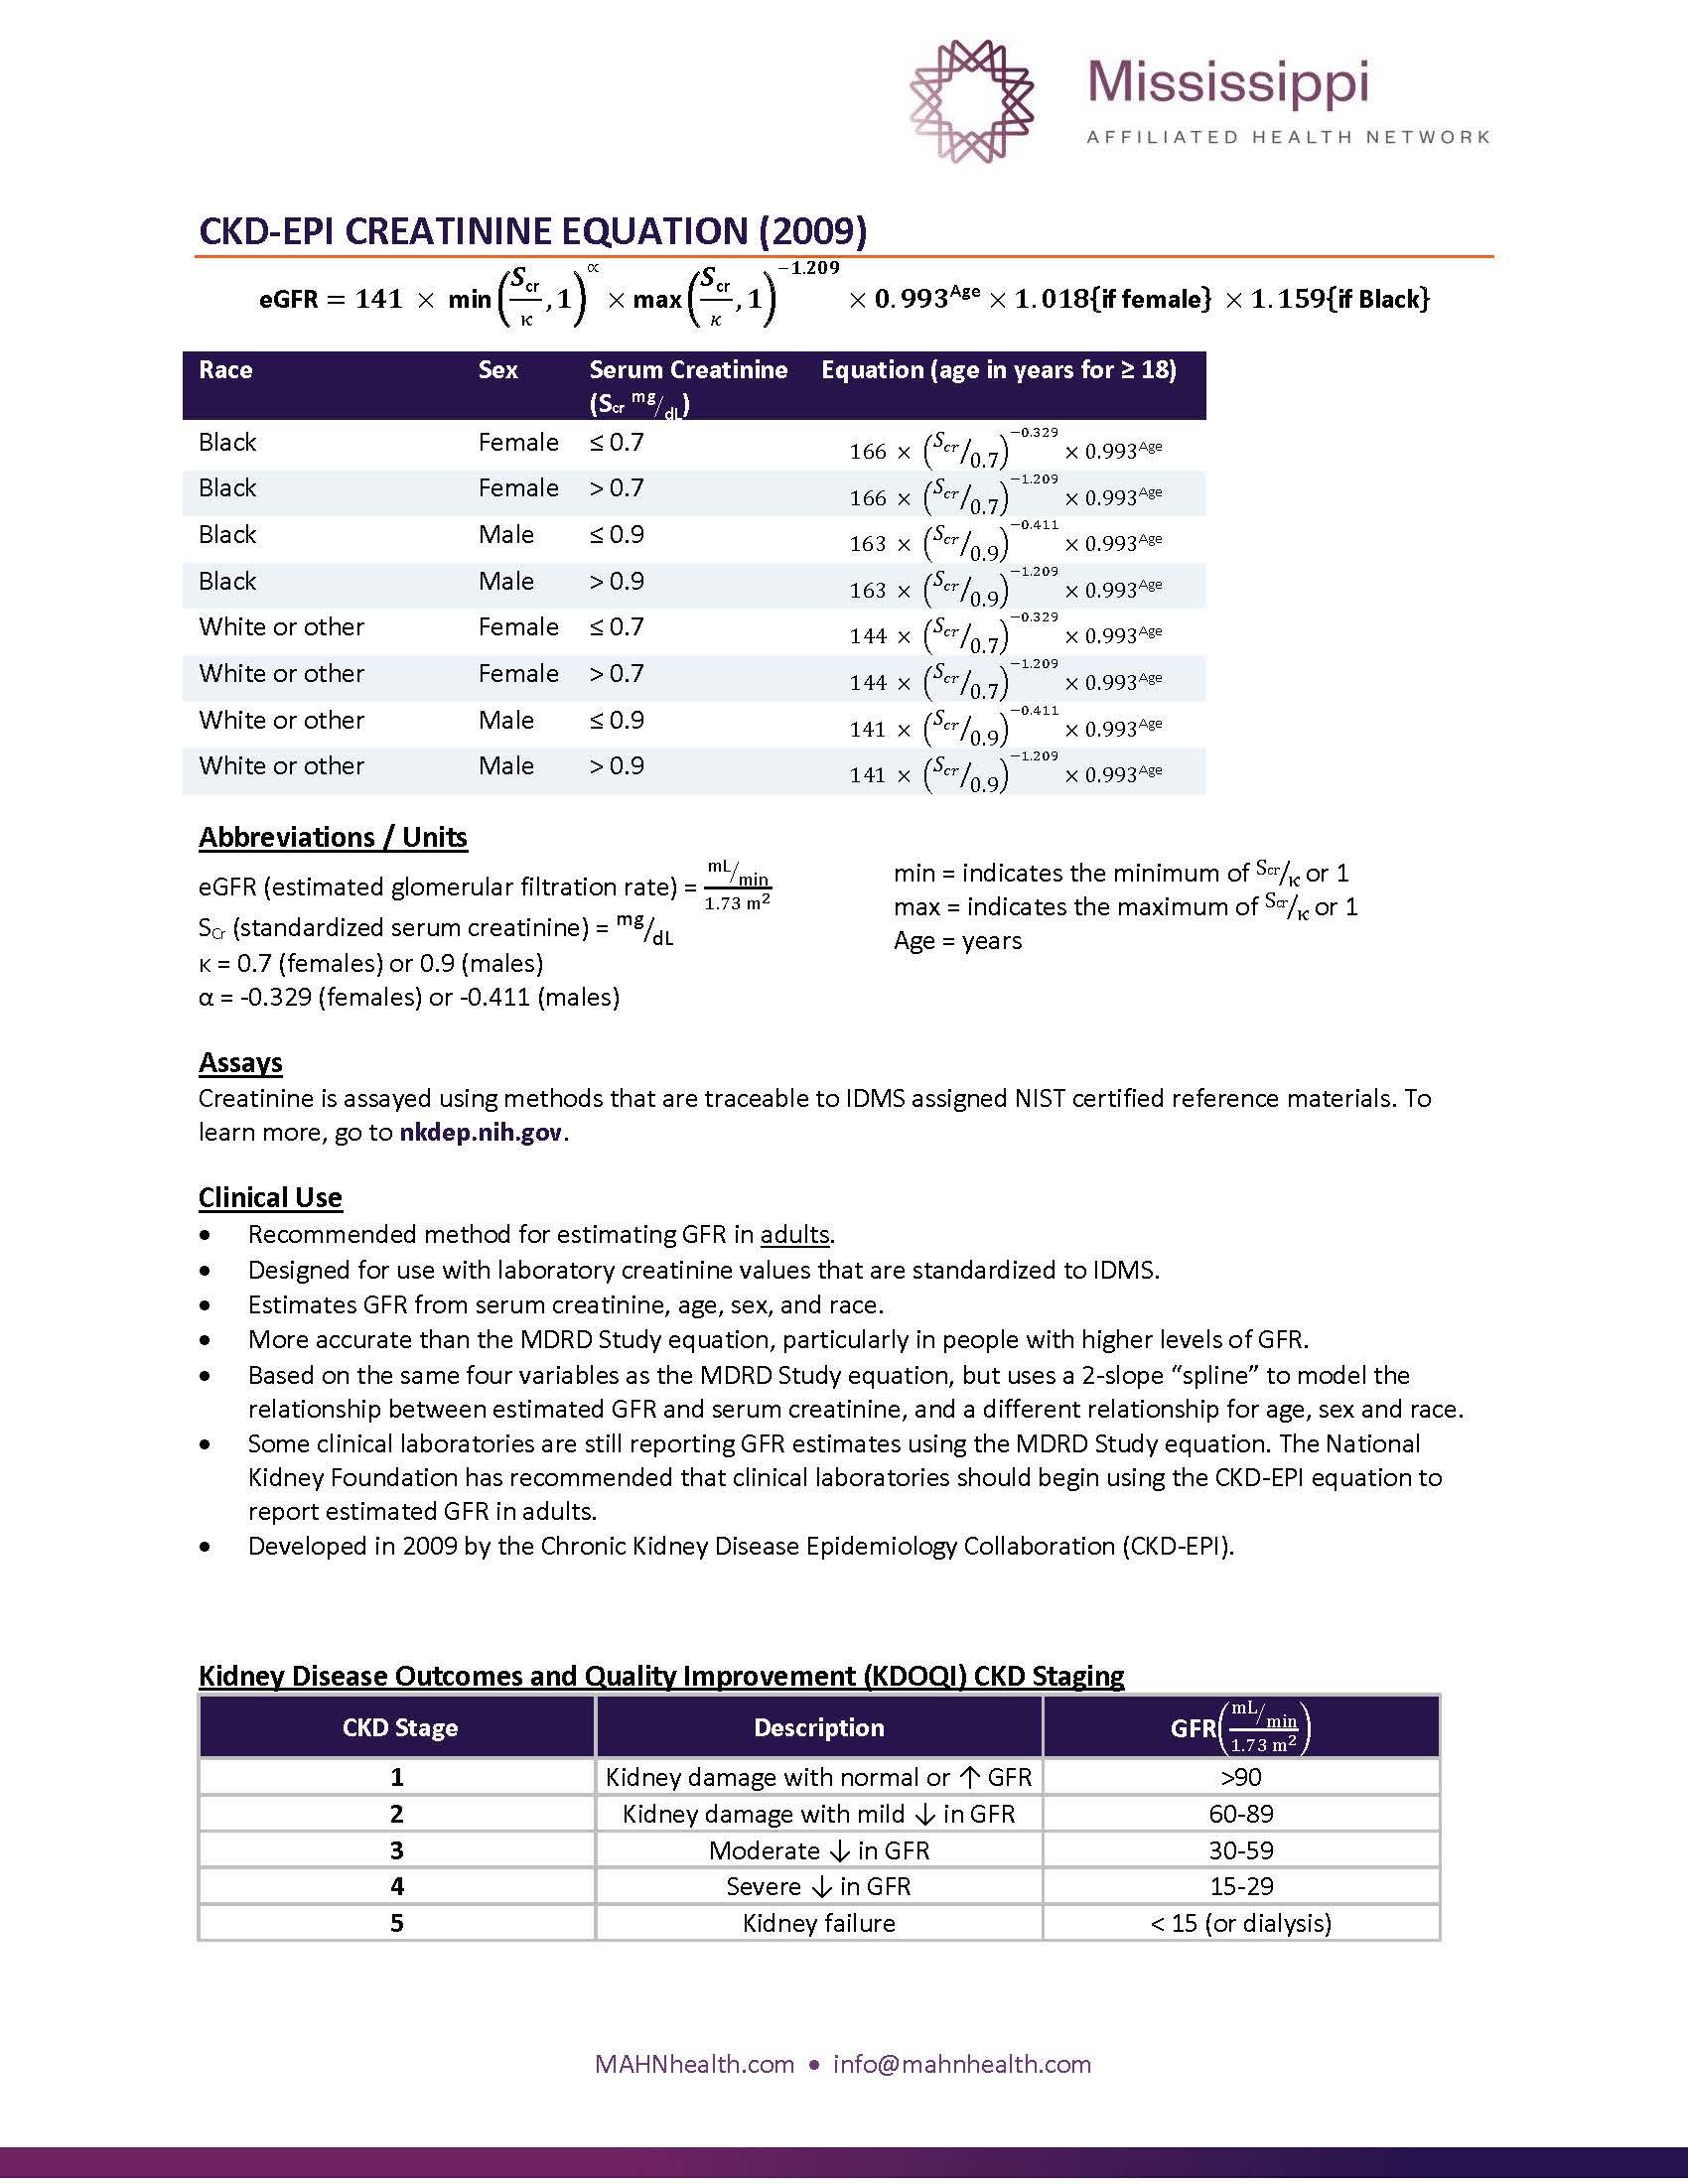 CKD EPI Formula and Staging.jpg